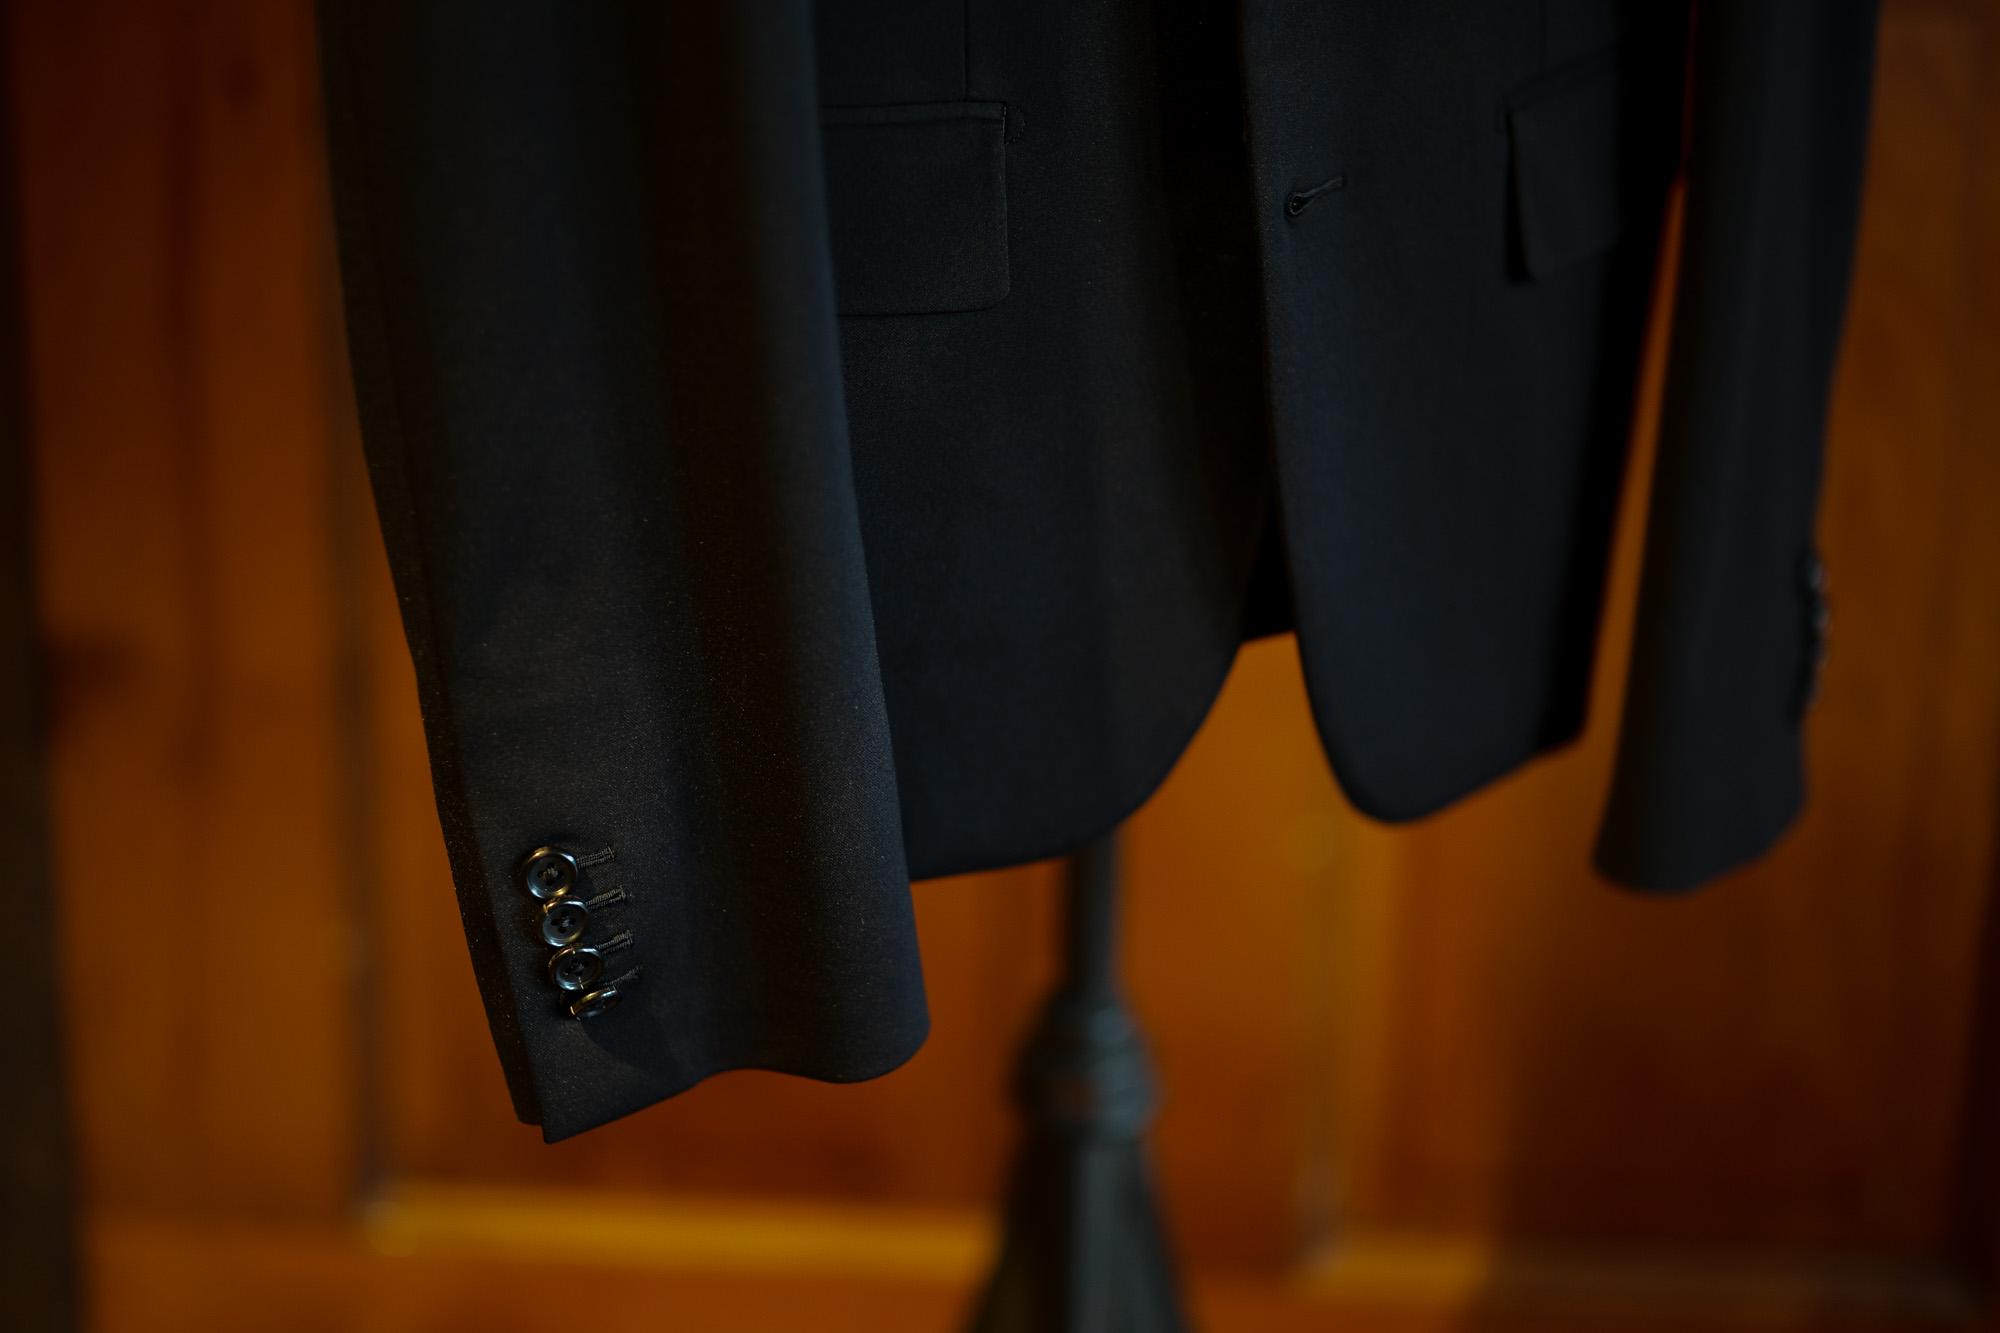 cuervo bopoha(クエルボ ヴァローナ) Sartoria Collection (サルトリア コレクション) Rooster (ルースター) Jersey ジャージー スーツ BLACK (ブラック) MADE IN JAPAN (日本製) 2020 【オーダー分入荷】Jersey ジャージー オーダースーツ 愛知 名古屋 altoediritto アルトエデリット